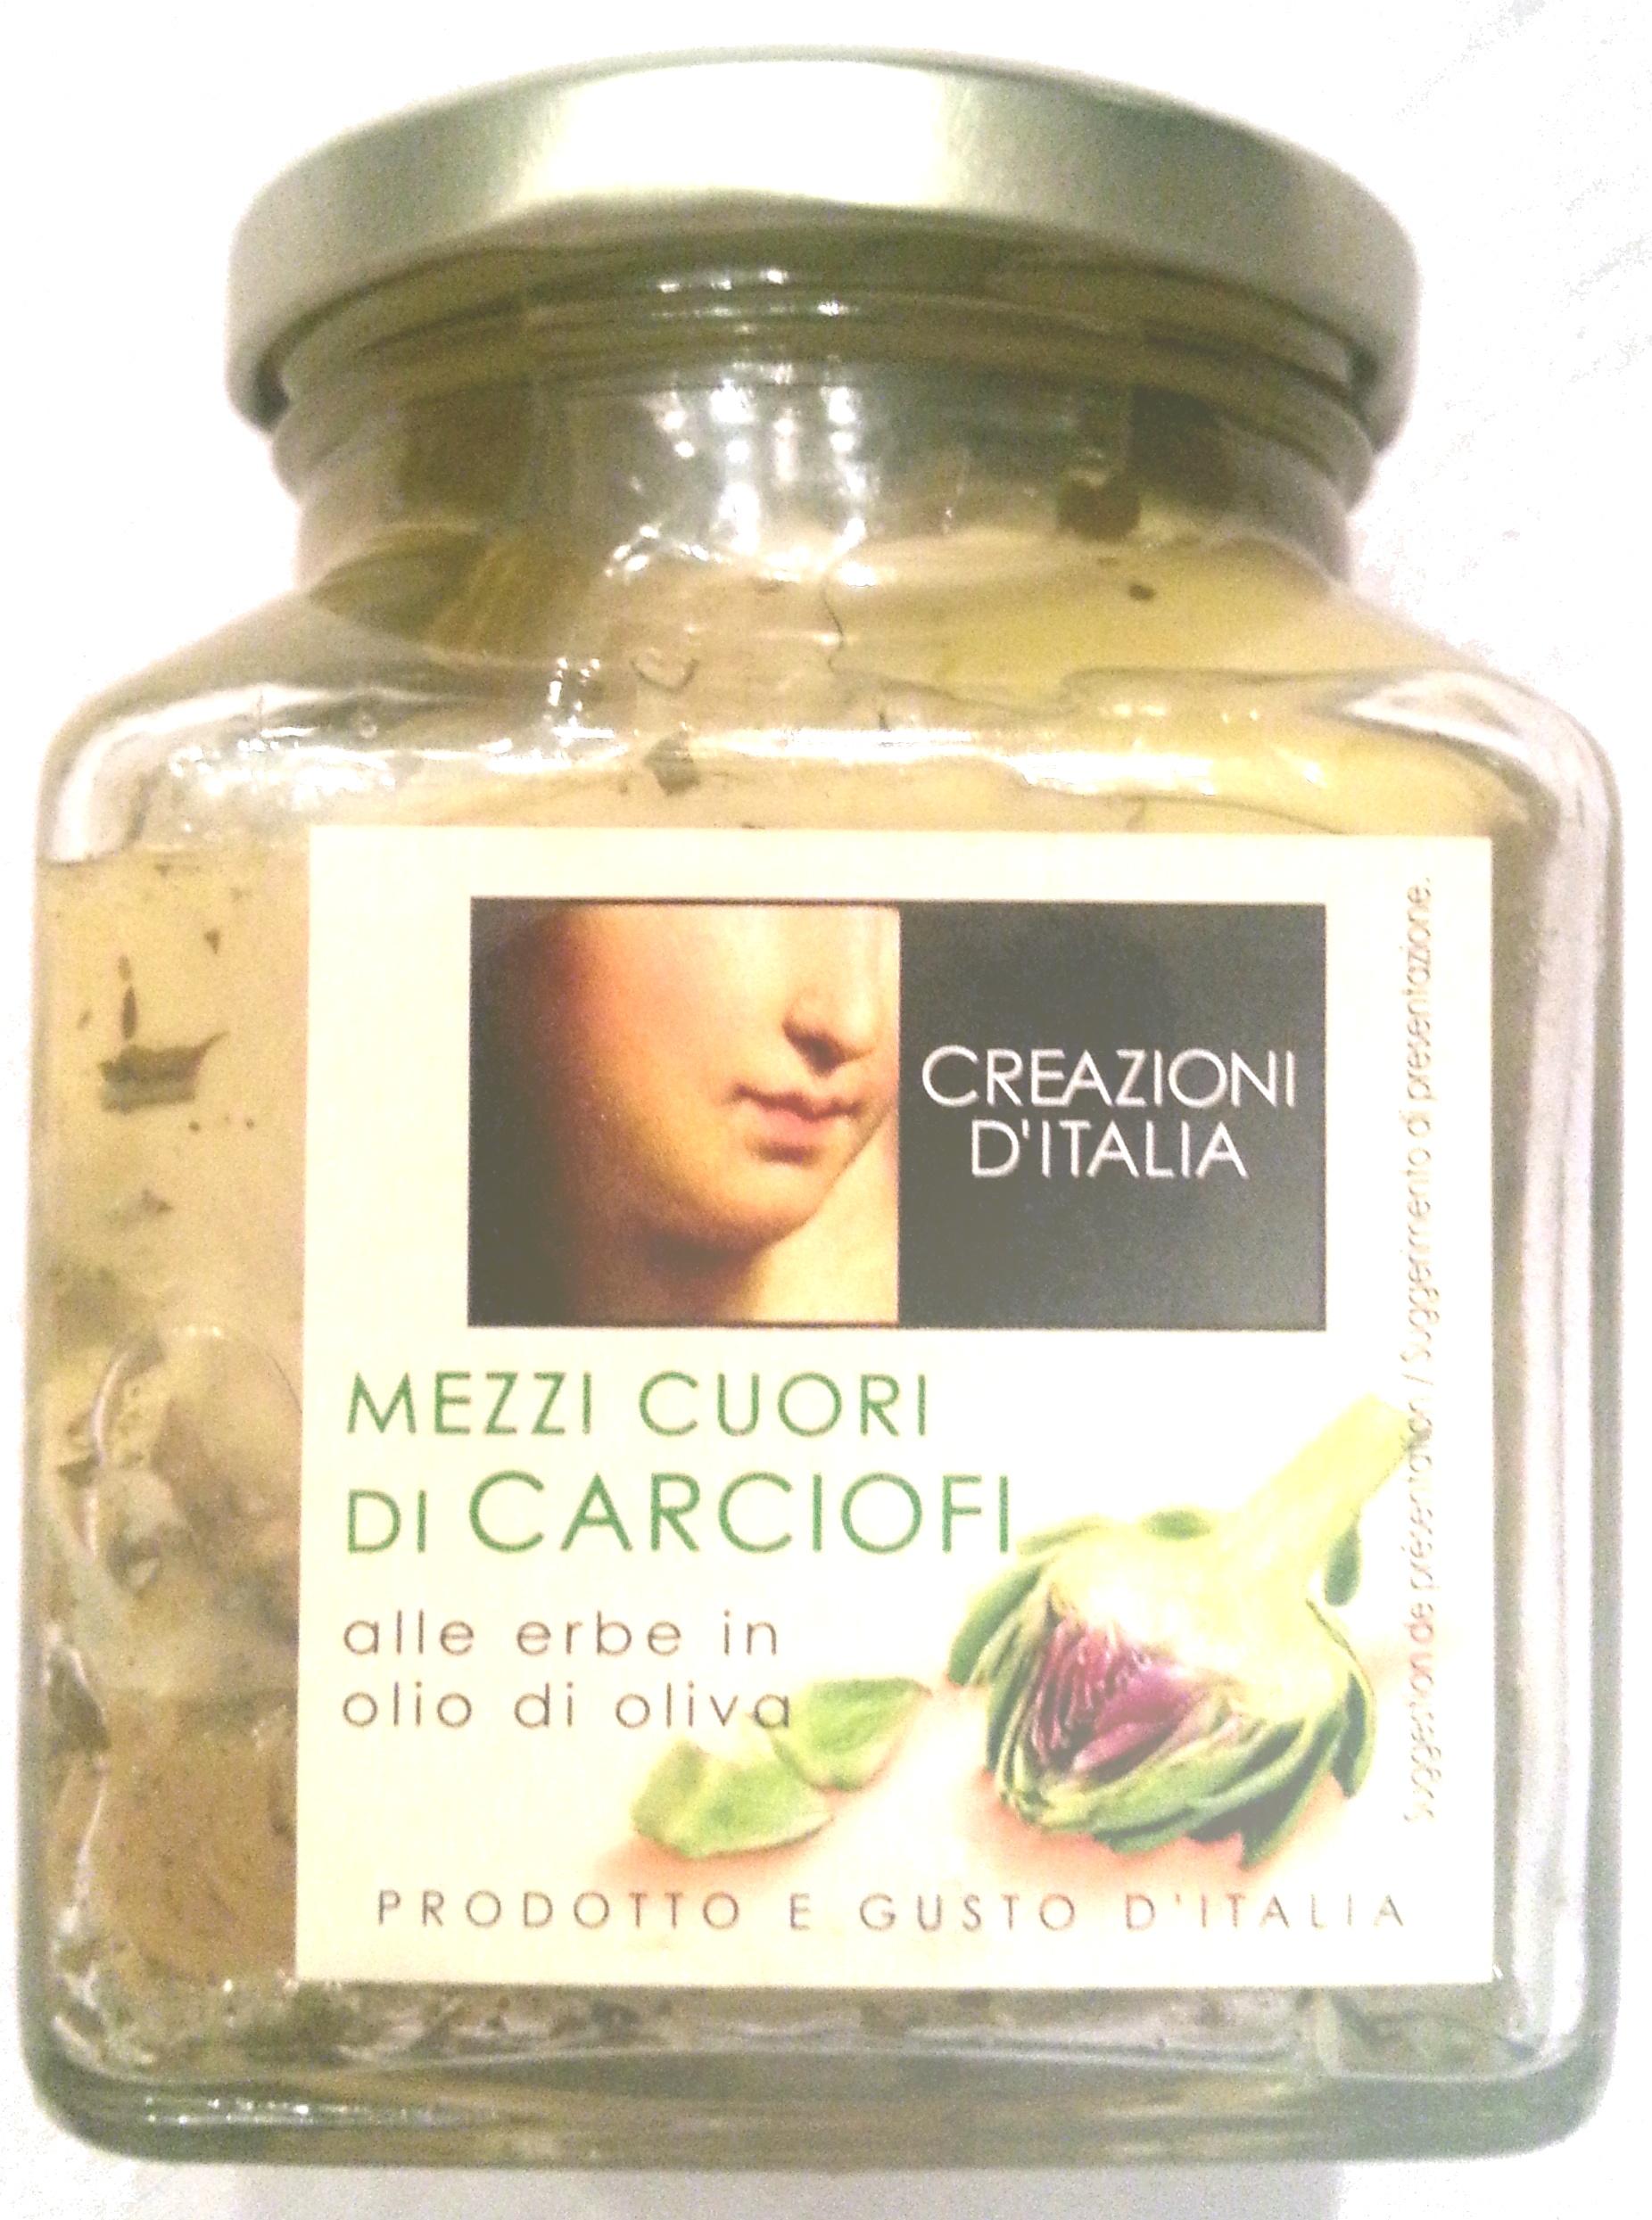 Mezzi Cuori Di Carciofi - Product